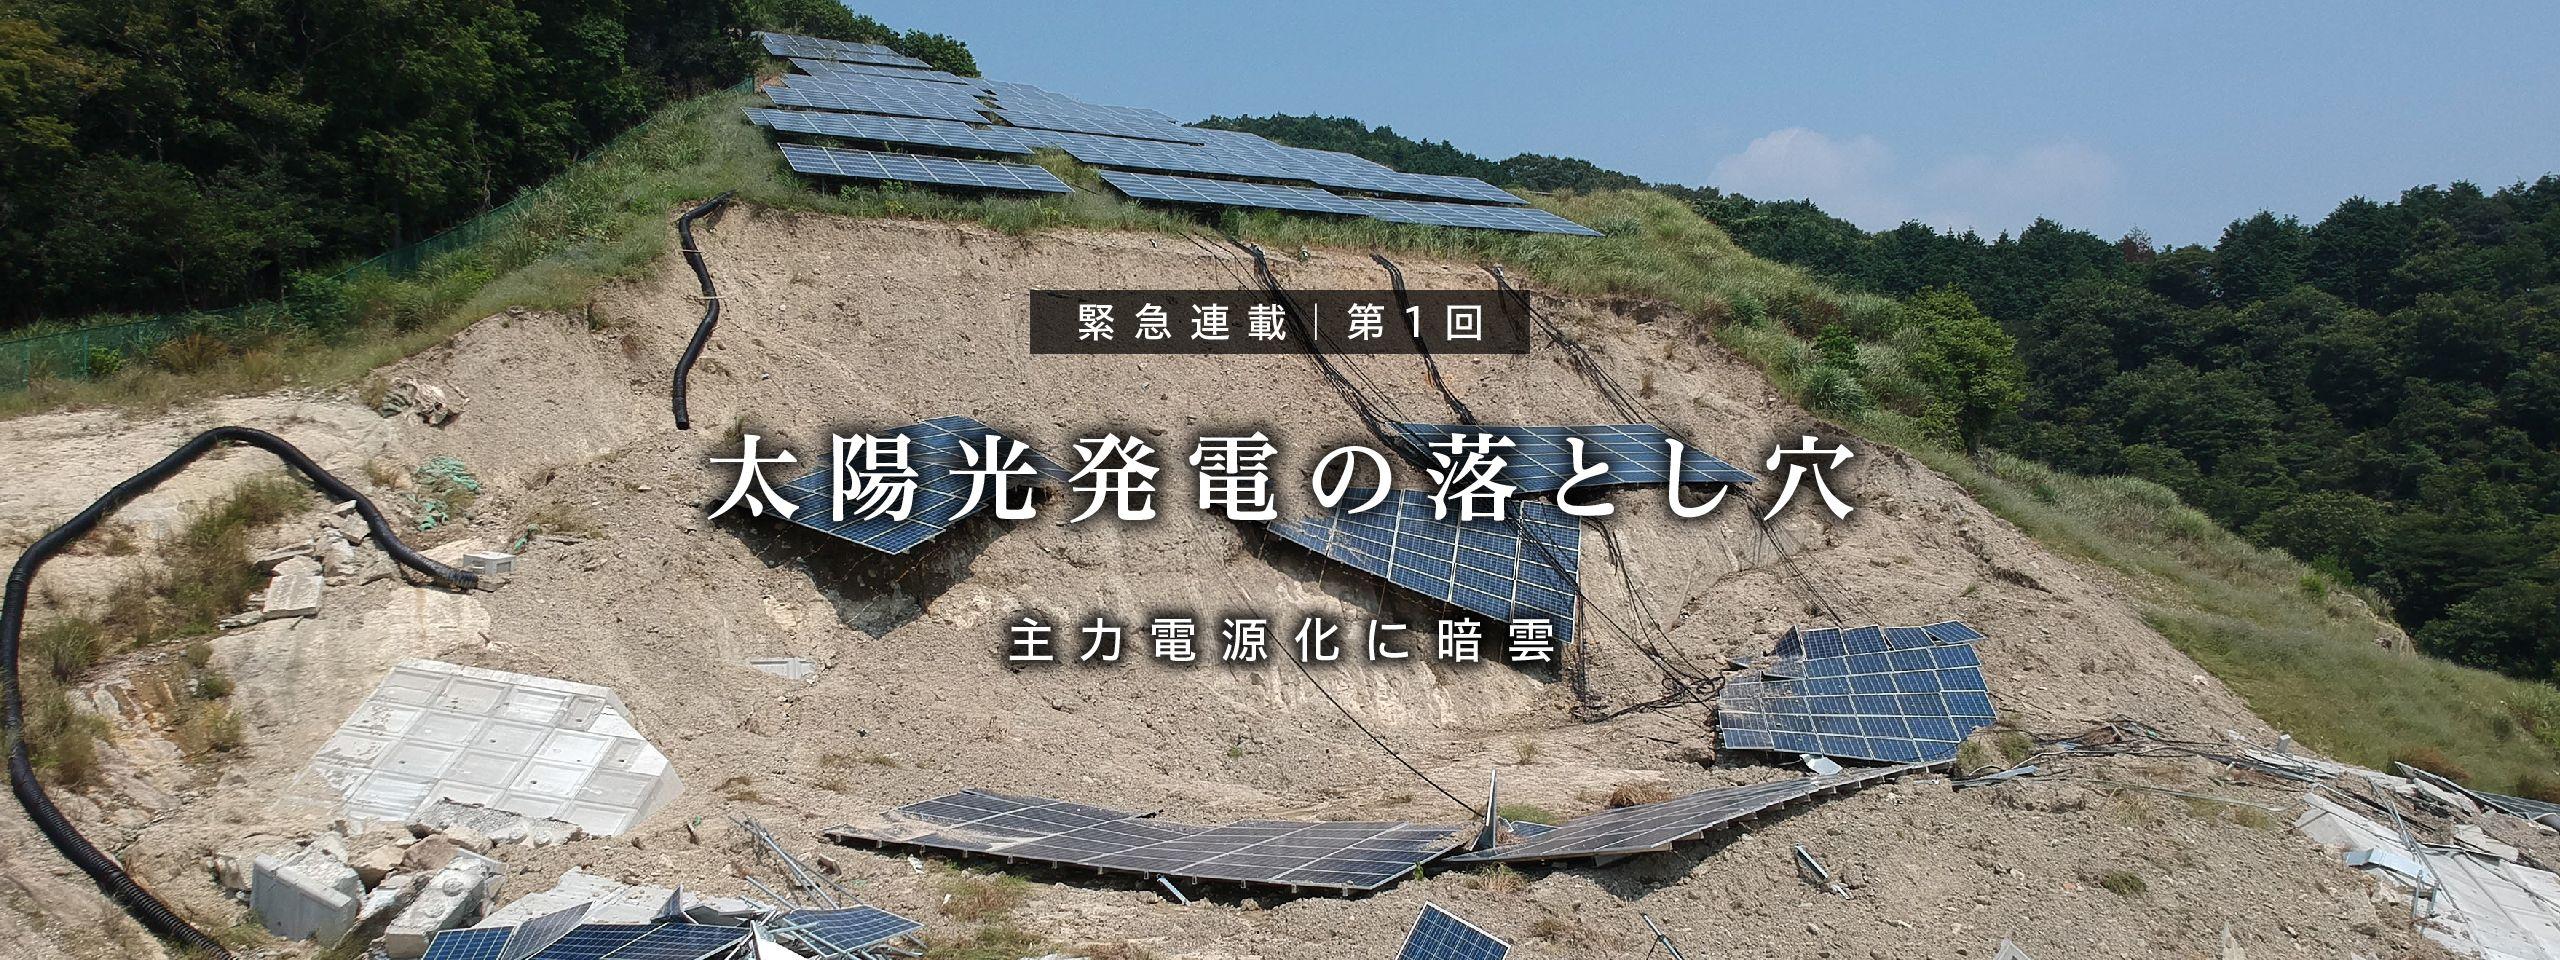 太陽光発電の落とし穴 | 主力電源化に暗雲 | 深層リポート | 週刊東洋 ...